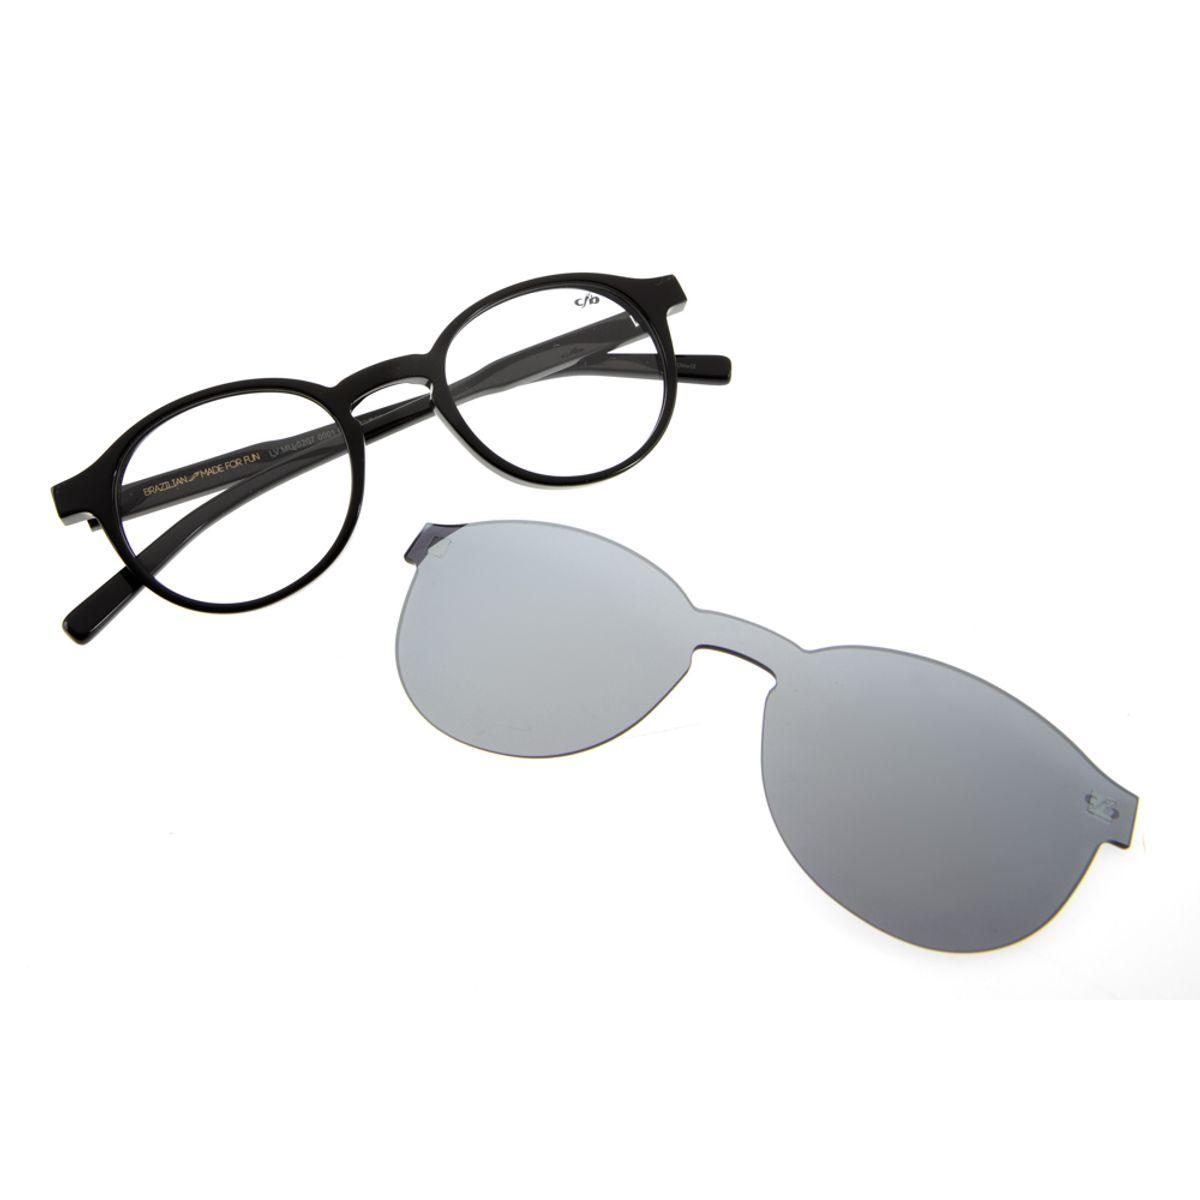 43f493056 Armação para Óculos de Grau Chilli Beans Unissex Clip On Preto 0207 -  LV.MU.0207.0001 M. REF: LV.MU.0207.0001. Previous